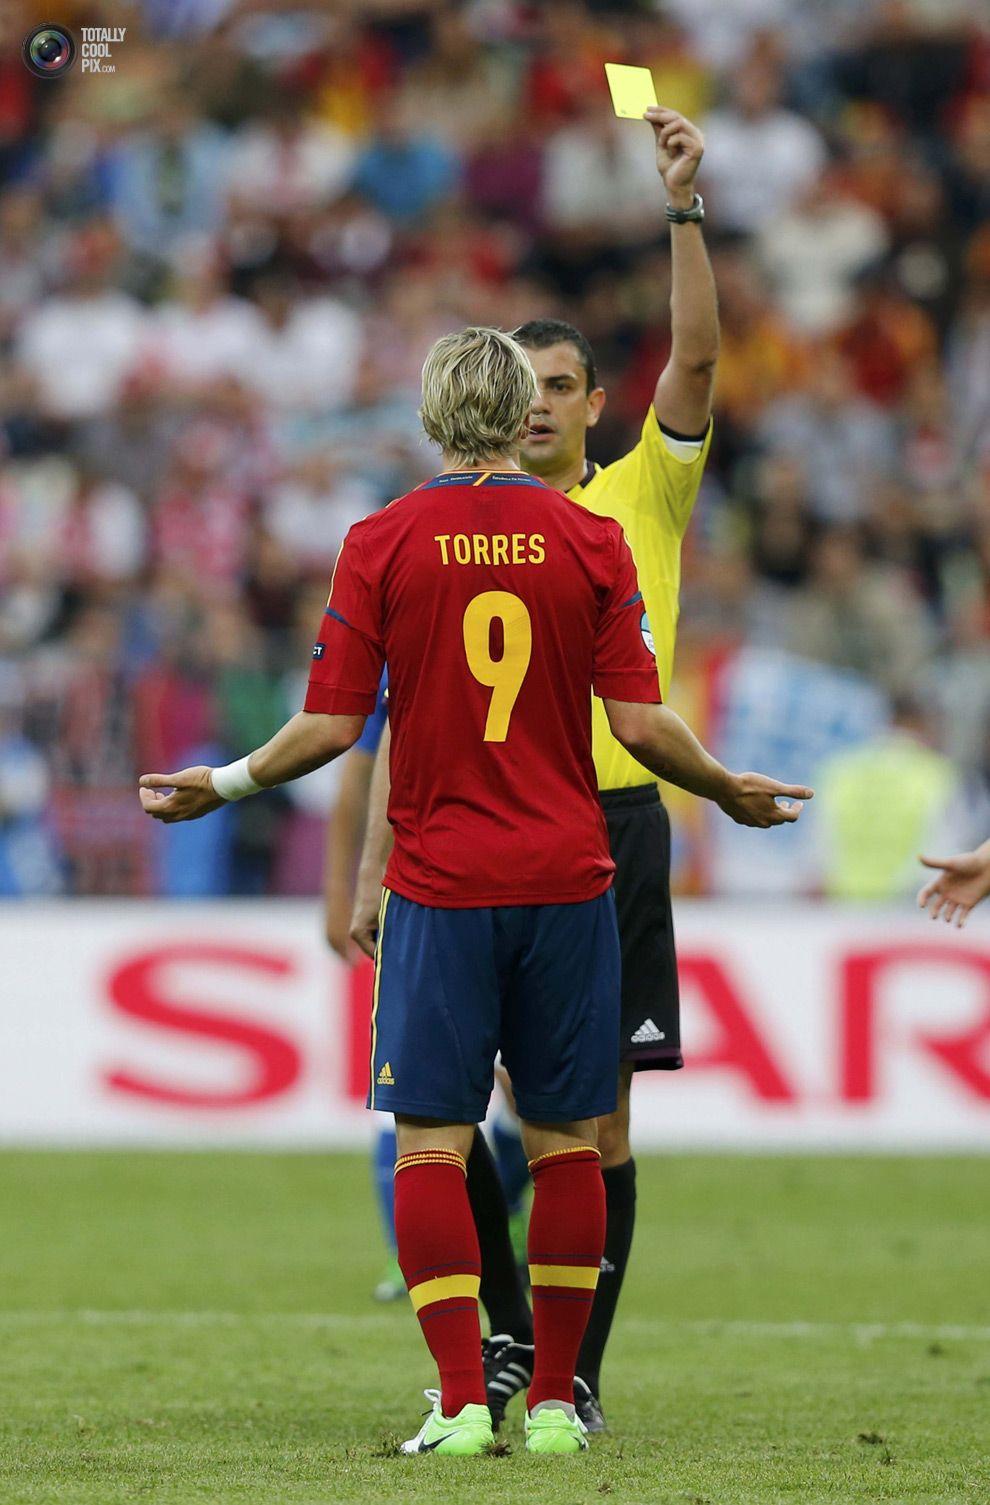 Euro 2012: Spain vs Italy